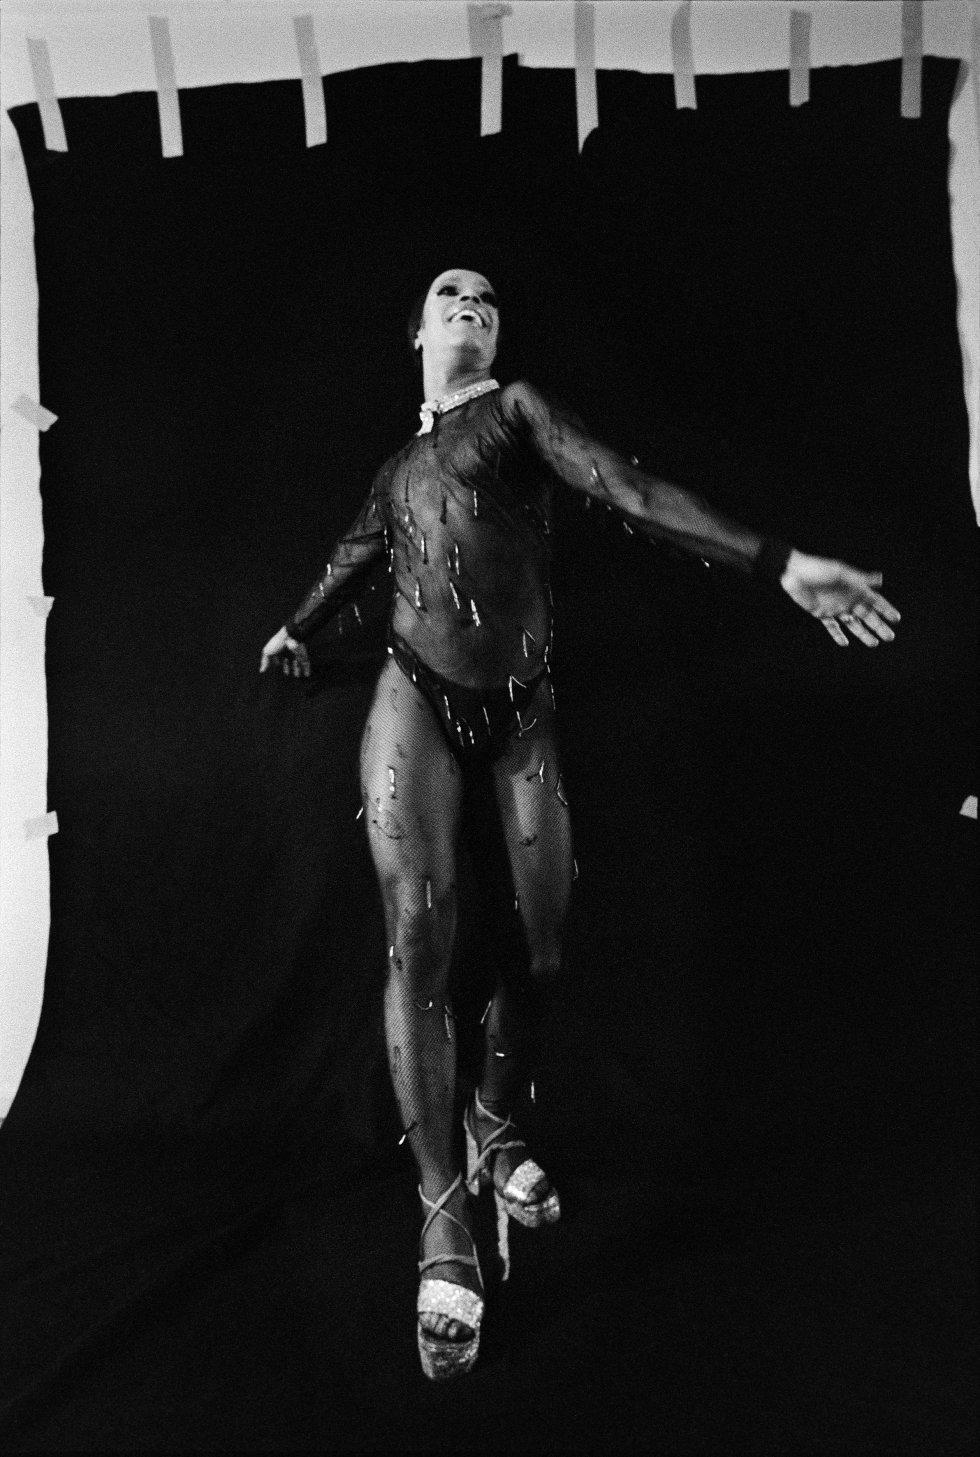 Uno de los retratos de travestis y transformistas que Madalena Schwartz hizo en los años setenta en un estudio en el apartamento que compartía con su marido. La artista, nacida en Hungría hace un siglo, solo comenzó a trastear con una cámara de fotos a partir de los 45 años. Hasta entonces se ganó la vida con la tintorería que regentaba con su familia.